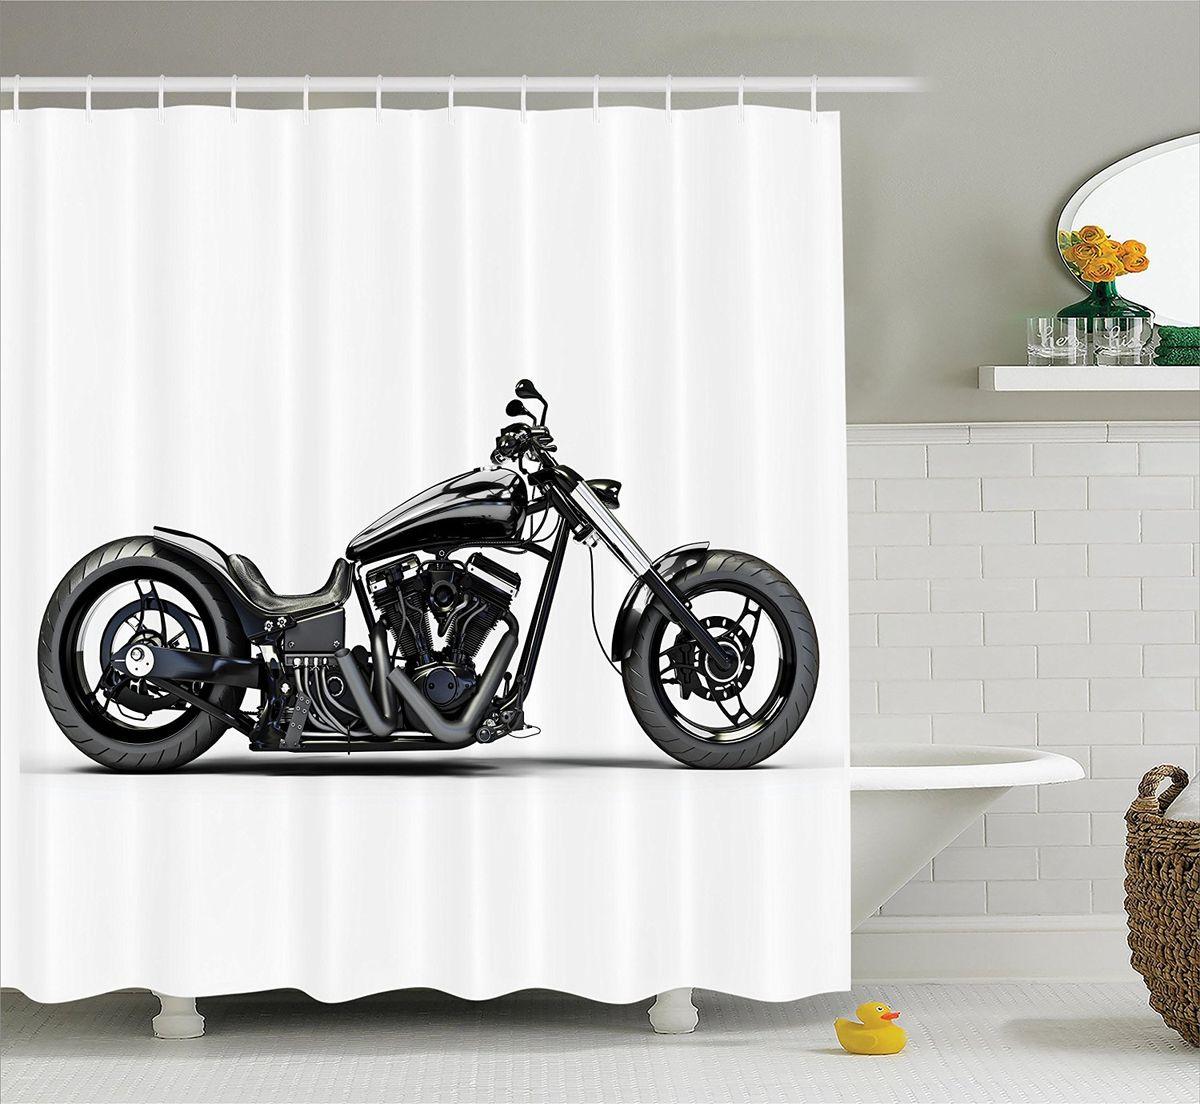 Штора для ванной комнаты Magic Lady Черный мотоцикл, 180 х 200 смшв__9937Штора Magic Lady Черный мотоцикл, изготовленная из высококачественного сатена (полиэстер 100%), отлично дополнит любой интерьер ванной комнаты. При изготовлении используются специальные гипоаллергенные чернила для прямой печати по ткани, безопасные для человека.В комплекте: 1 штора, 12 крючков. Обращаем ваше внимание, фактический цвет изделия может незначительно отличаться от представленного на фото.